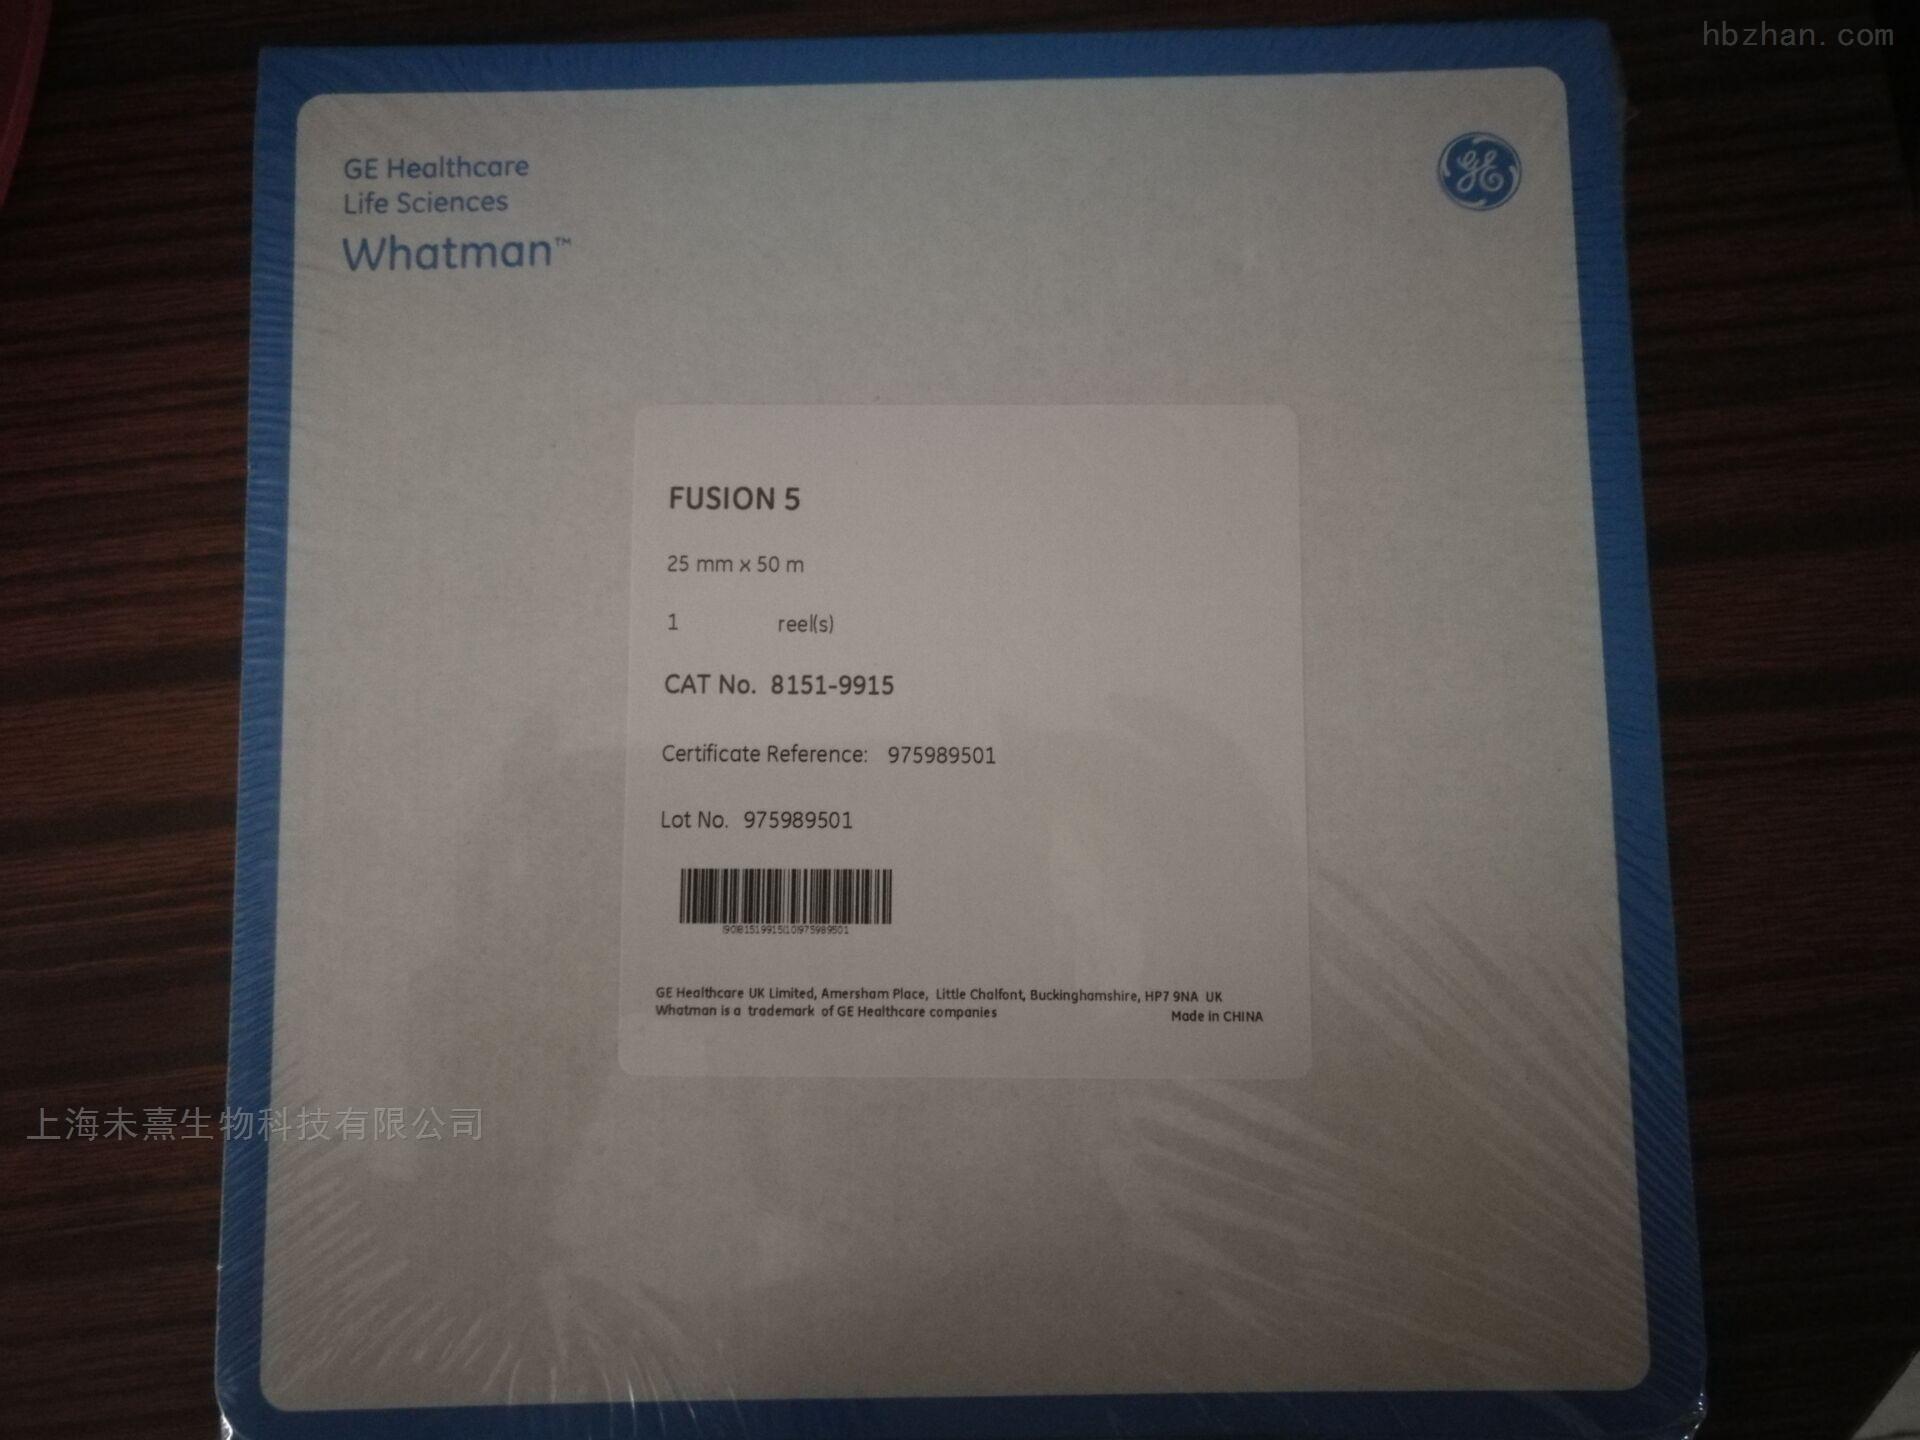 沃特曼FUSION 5 25MMX50M胶体金滤纸